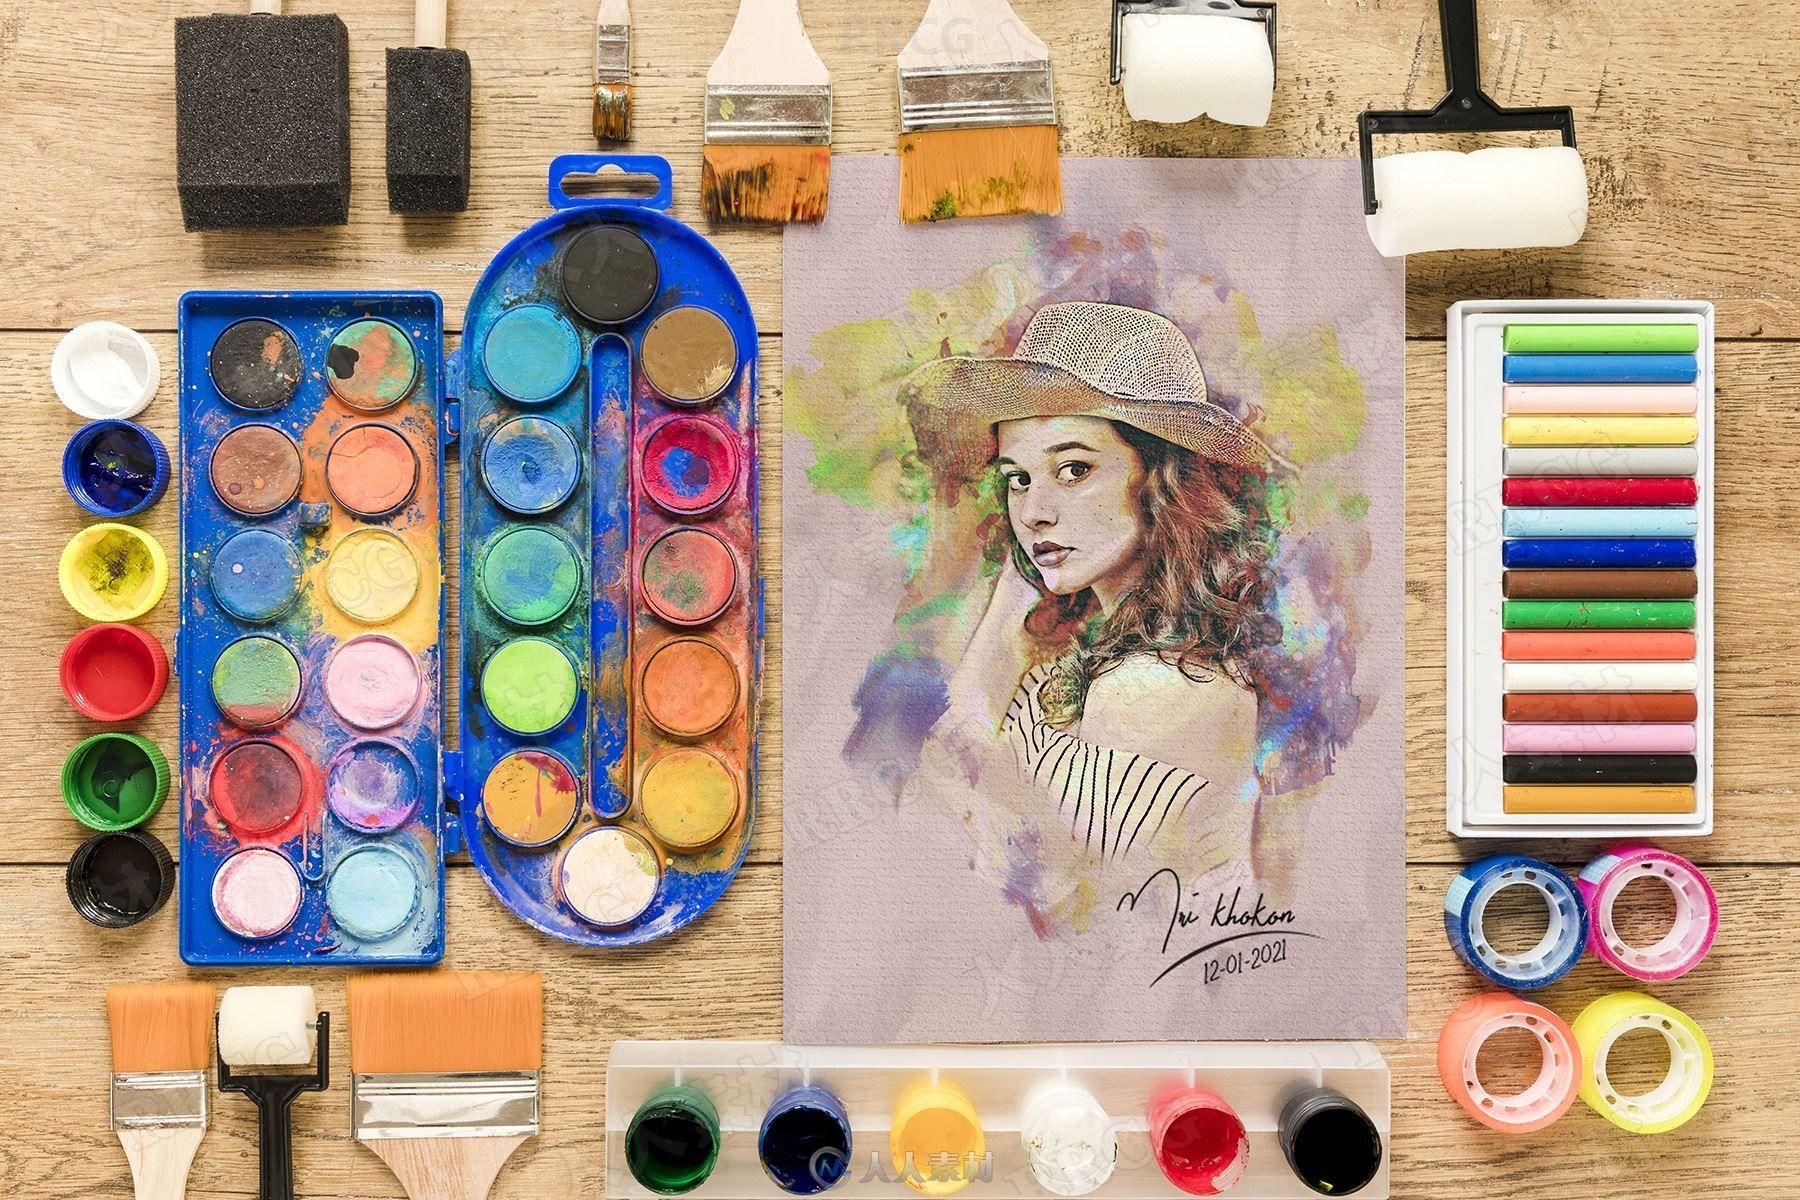 水彩画颜料覆盖效果人像艺术图像处理特效PS动作